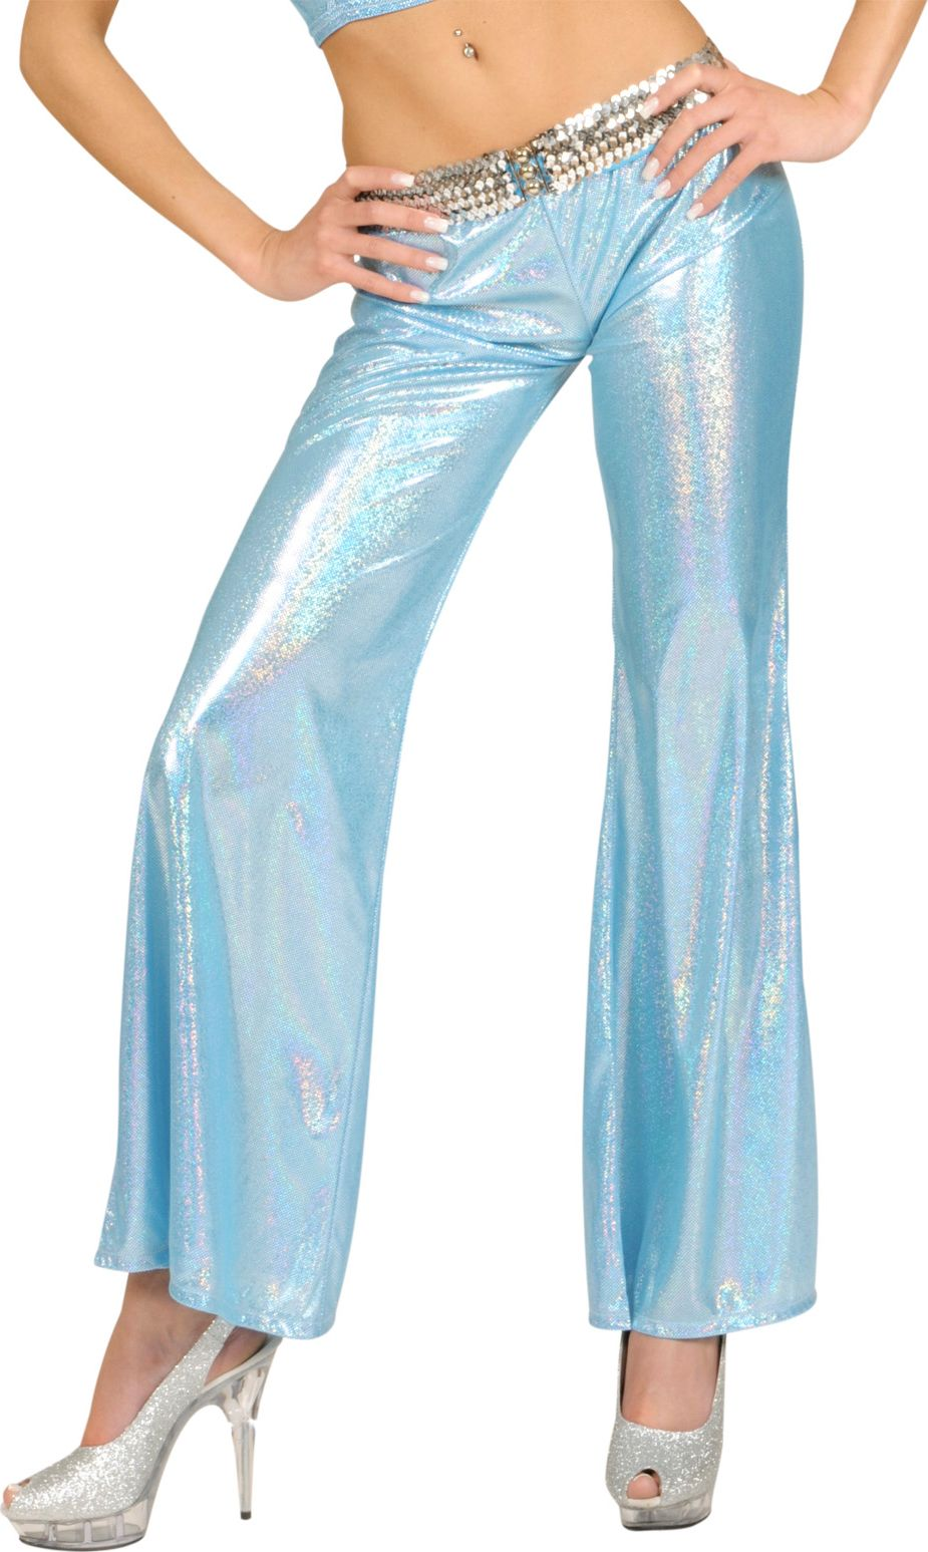 Holografische blauwe broek